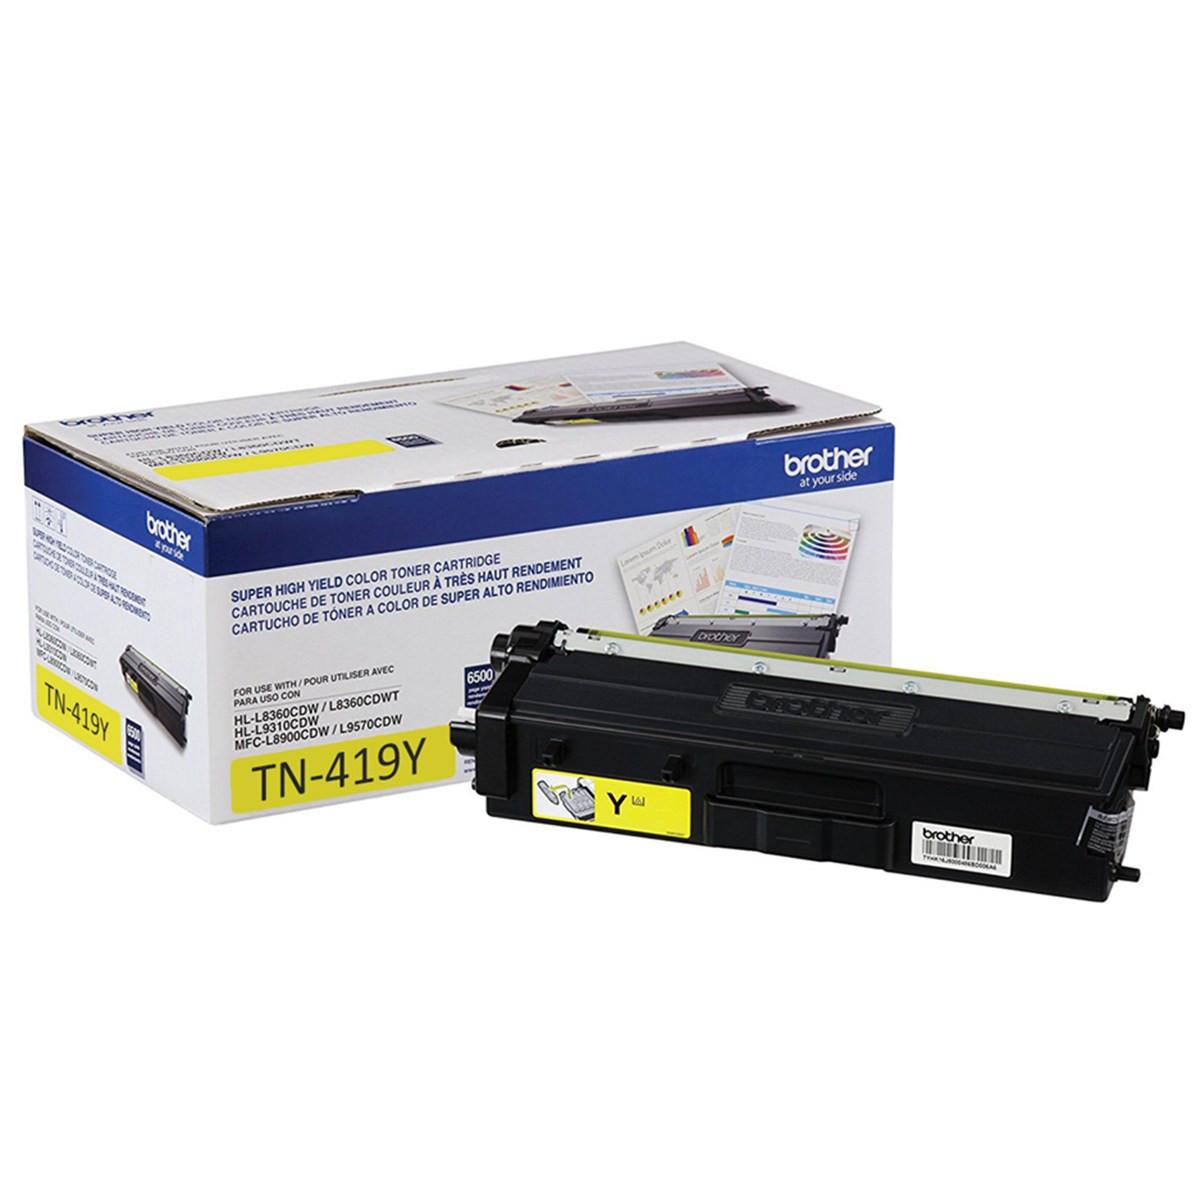 Toner Brother TN-419Y Amarelo | HL-L8360CDW MFC-L8610CDW MFC-L8900CDW MFC-L9570CDW | Original 9k